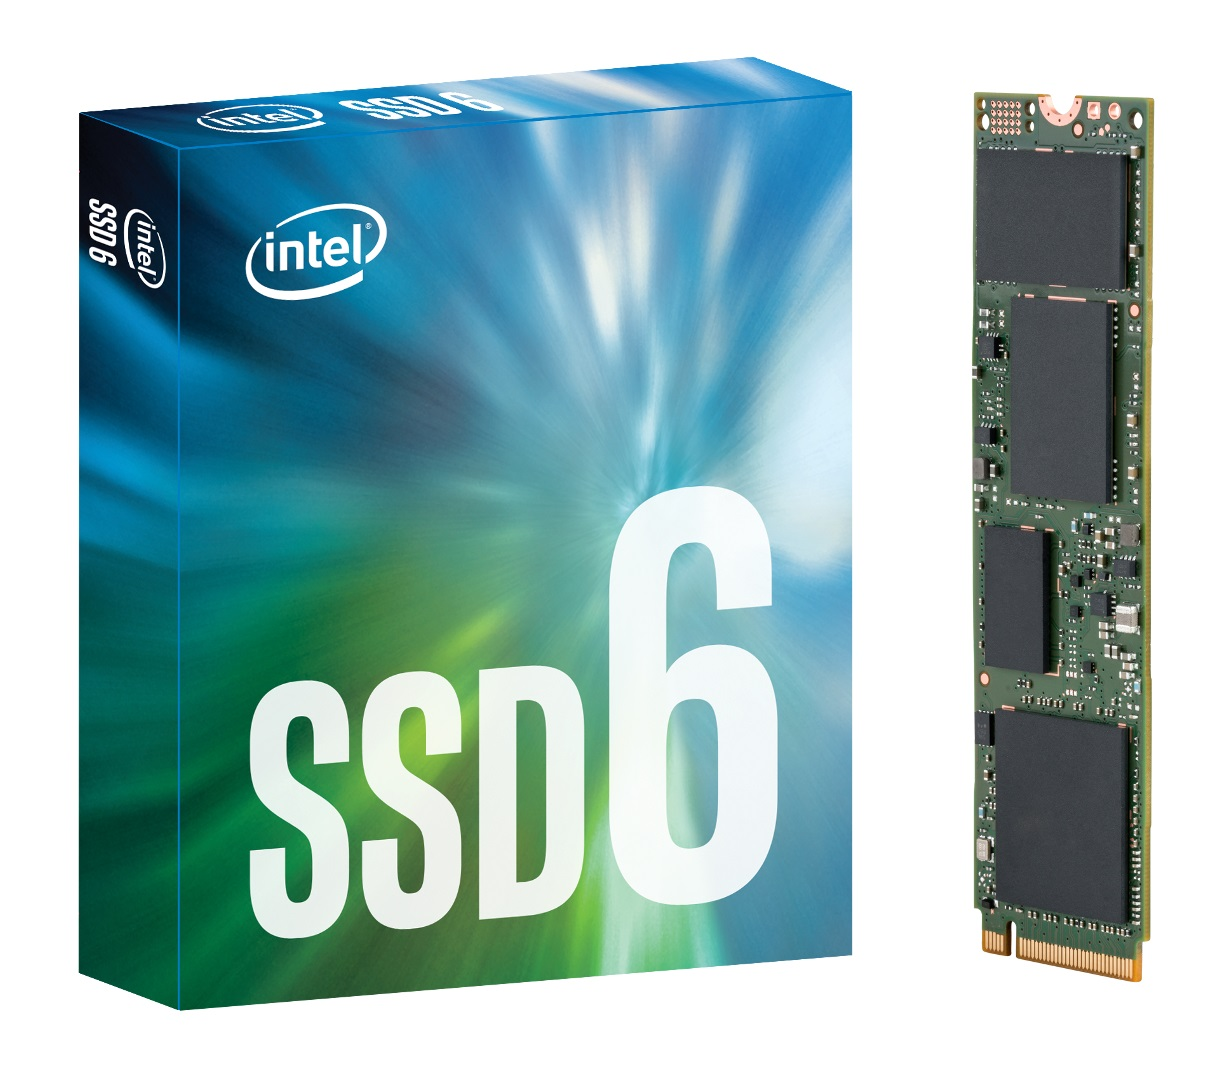 27103_ssd-600p-intel-128gbb